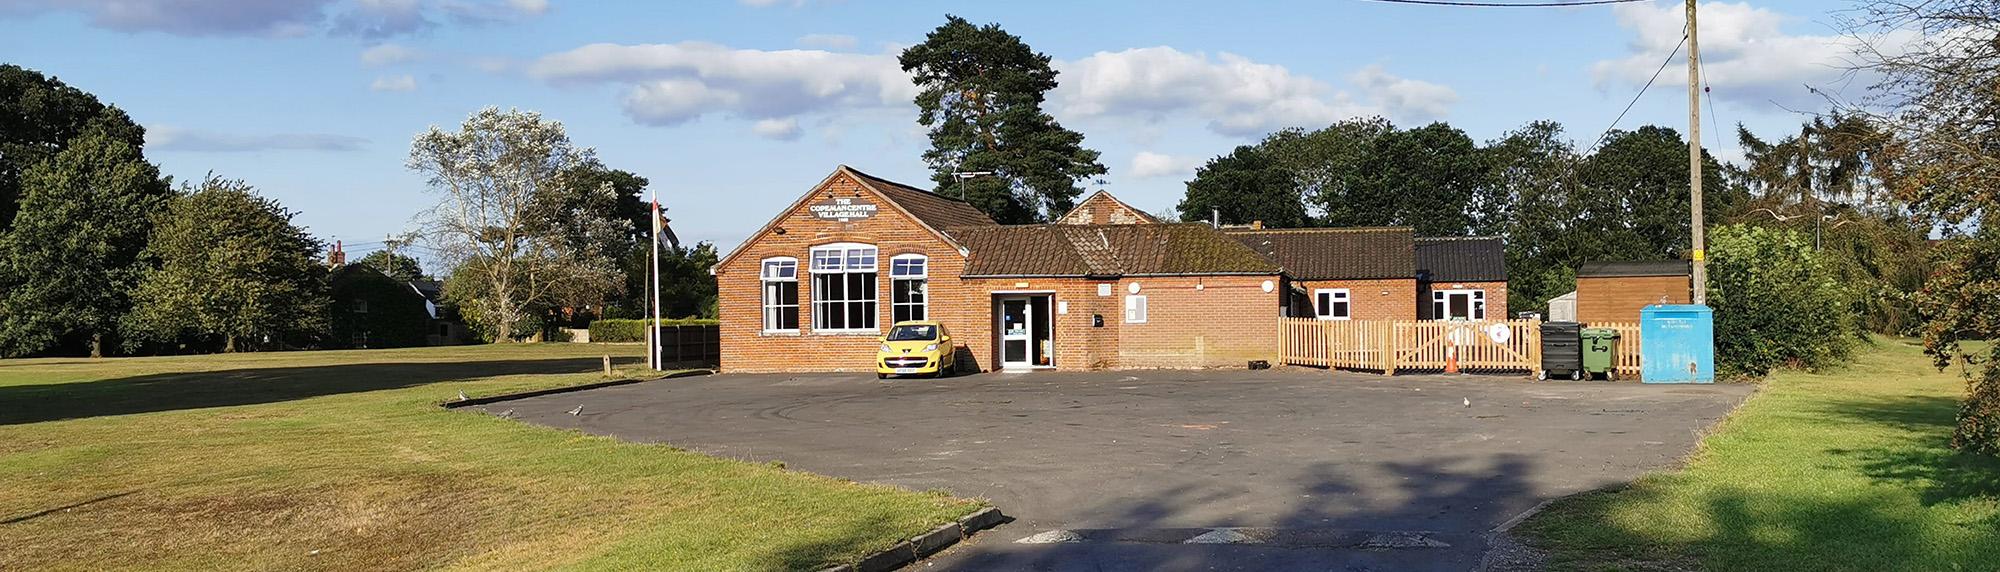 Copeman Centre Briston